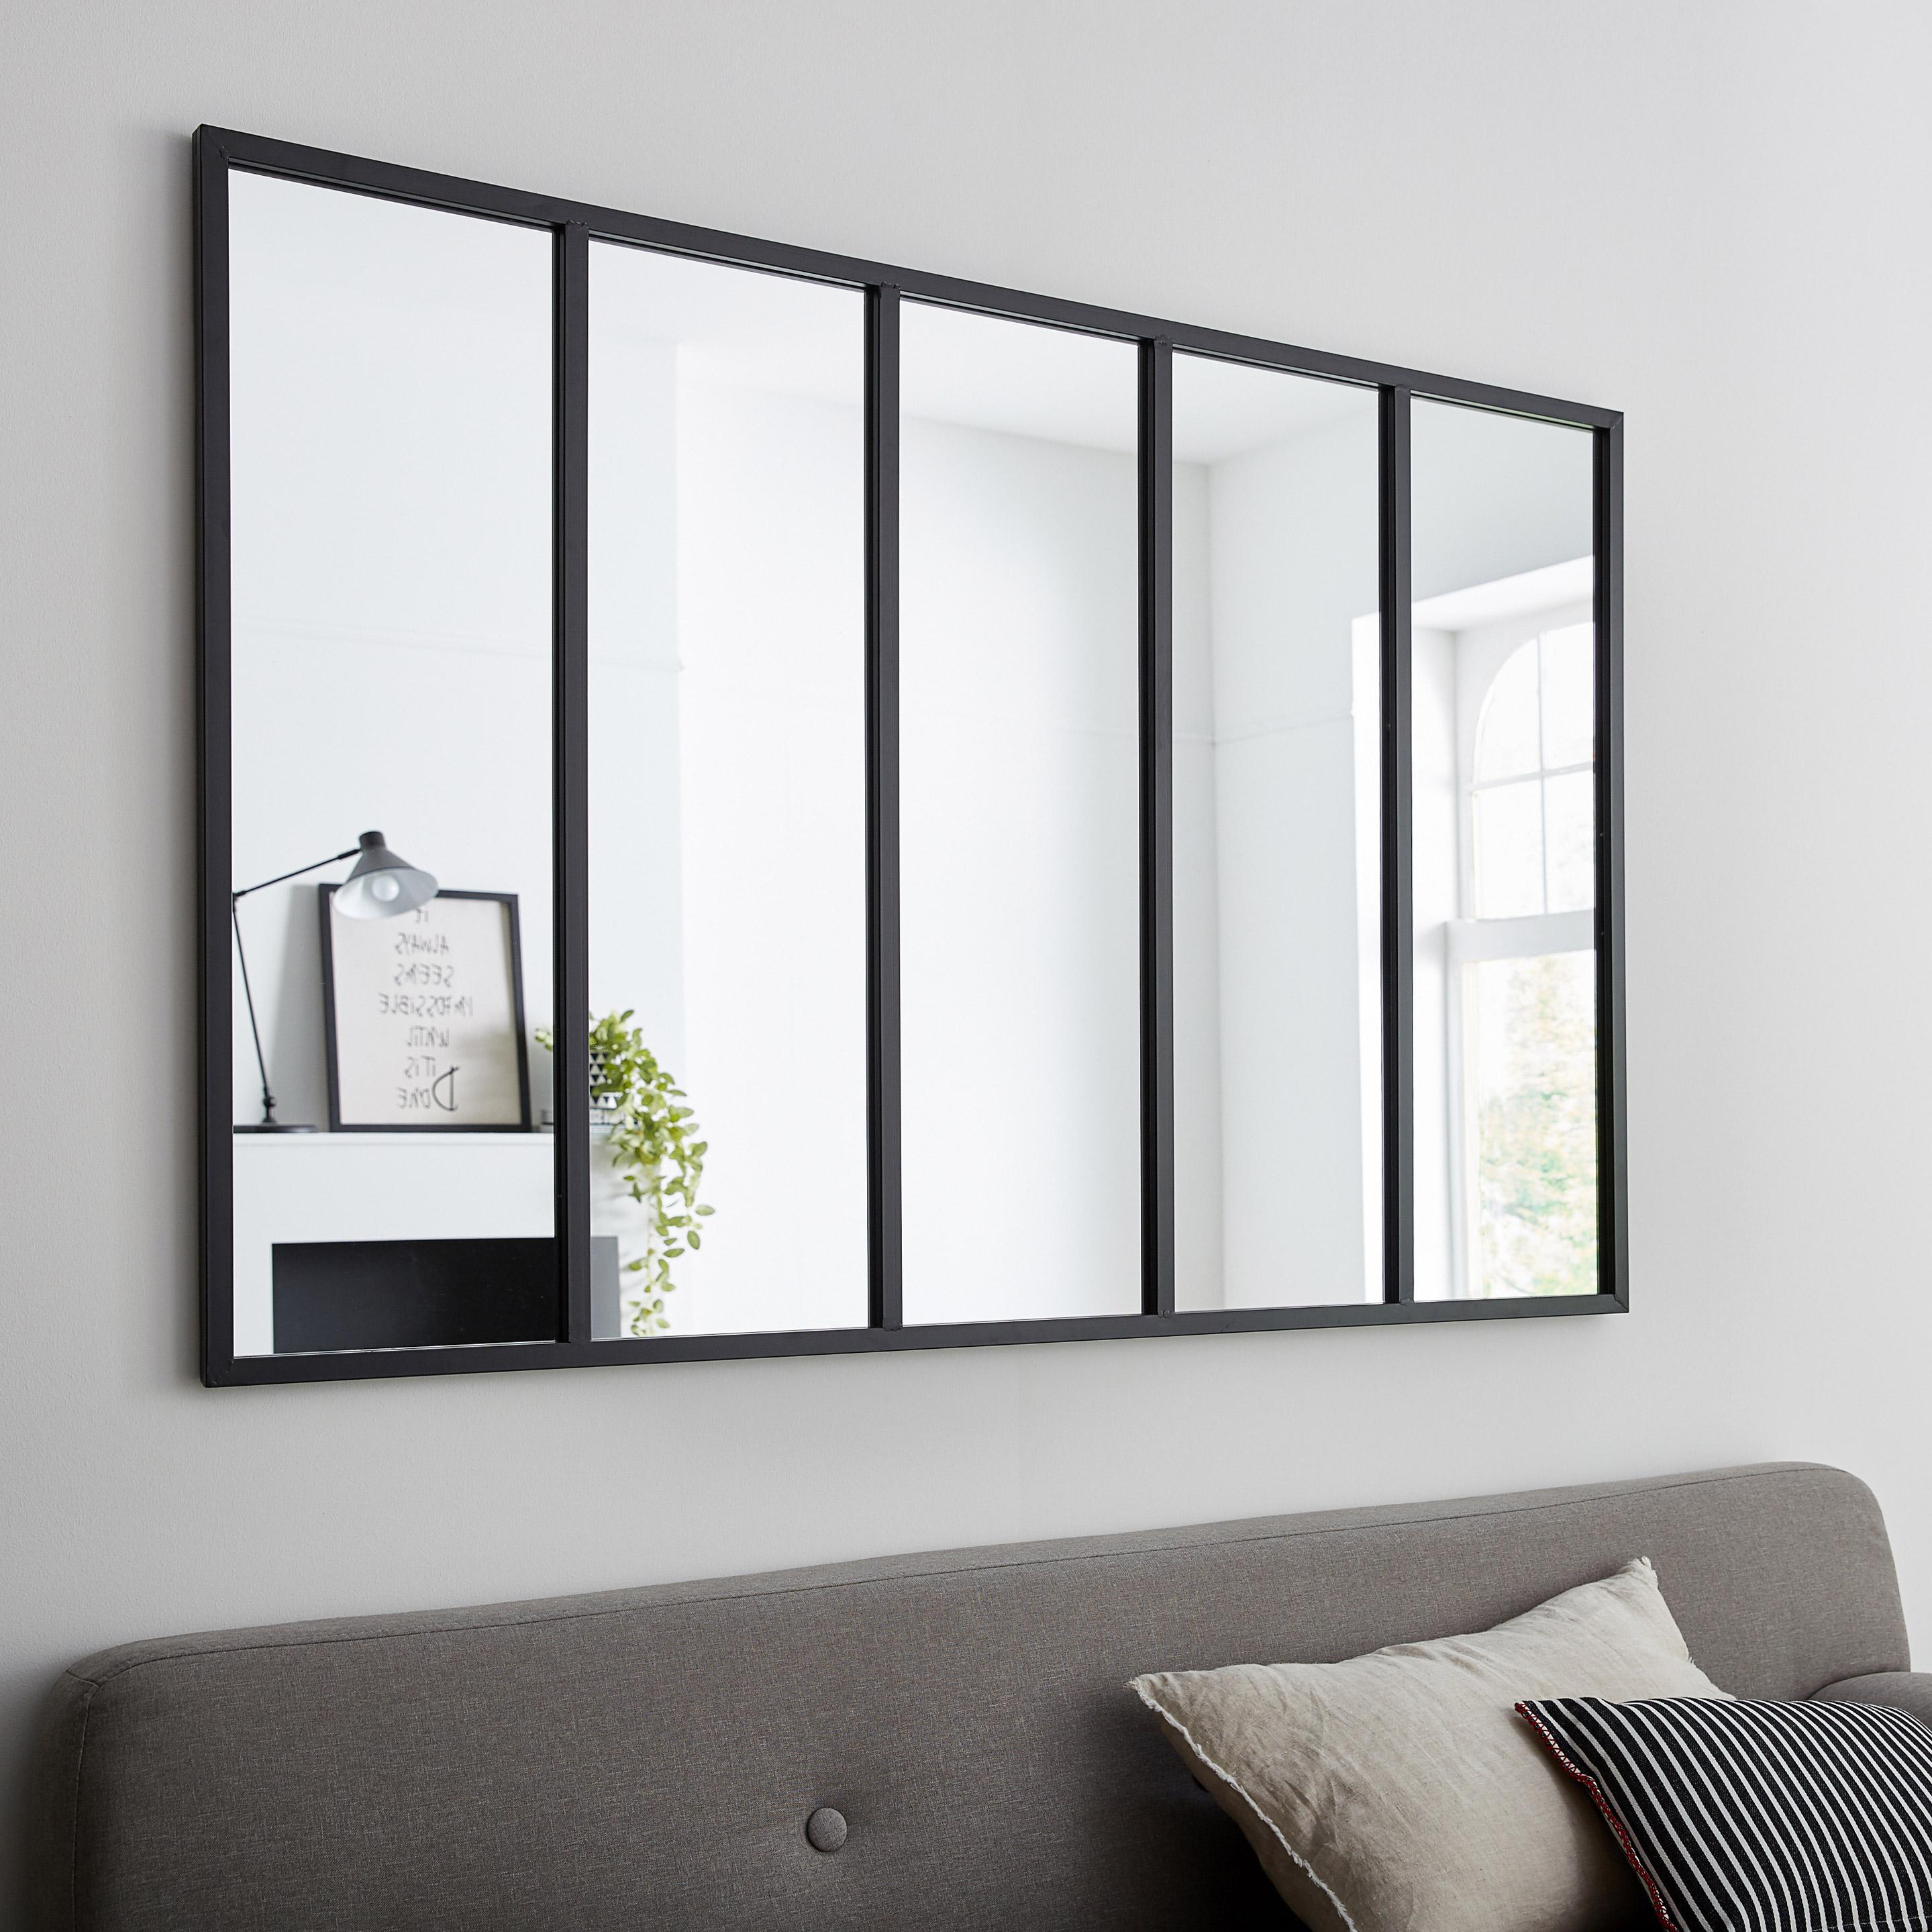 Miroir rectangulaire Atelier jardin, noir, l.140 x H.90 cm